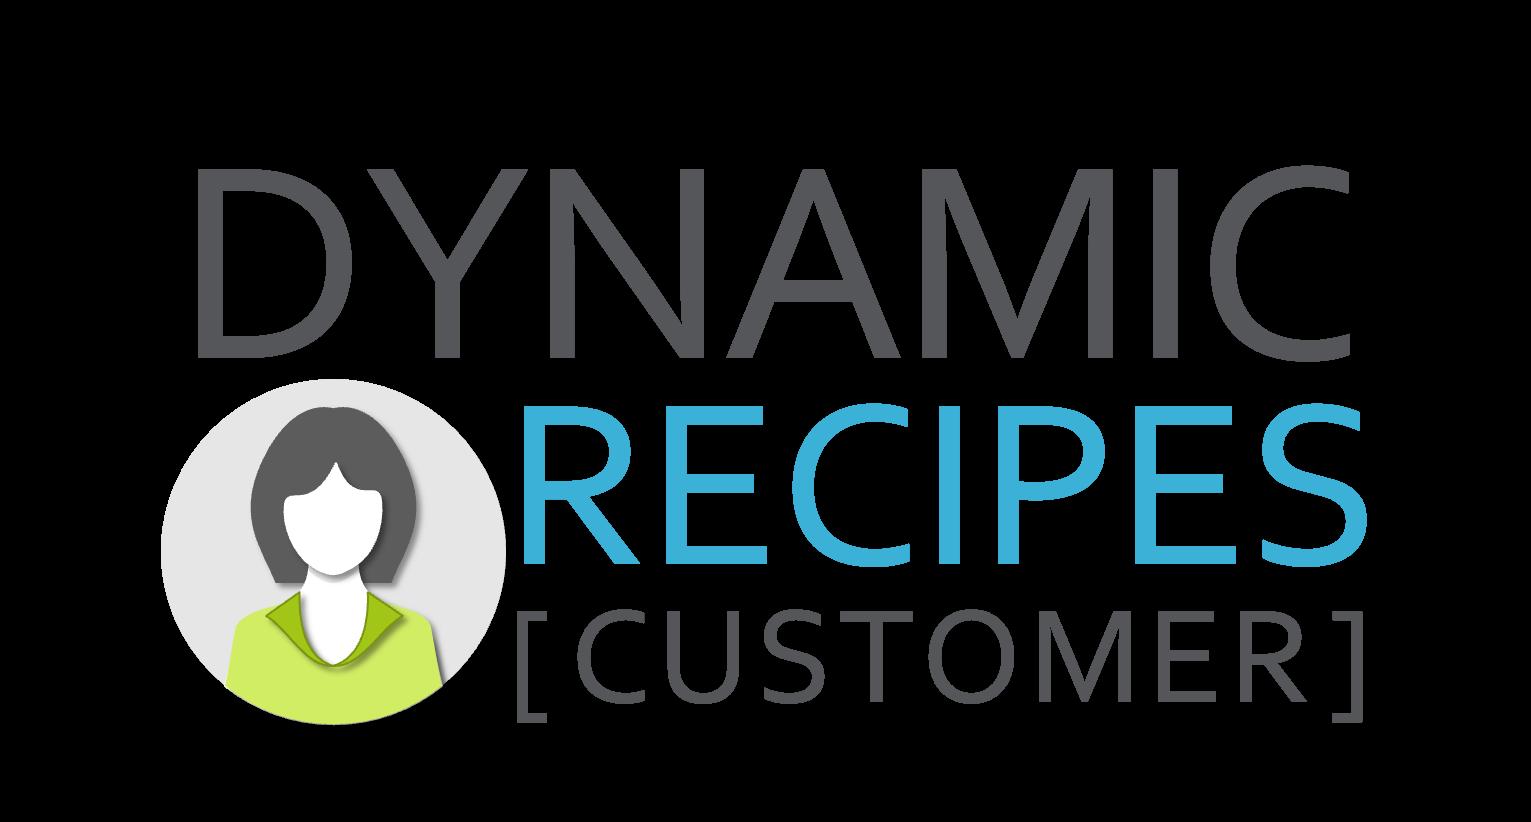 DynamicRecipes [Customer]